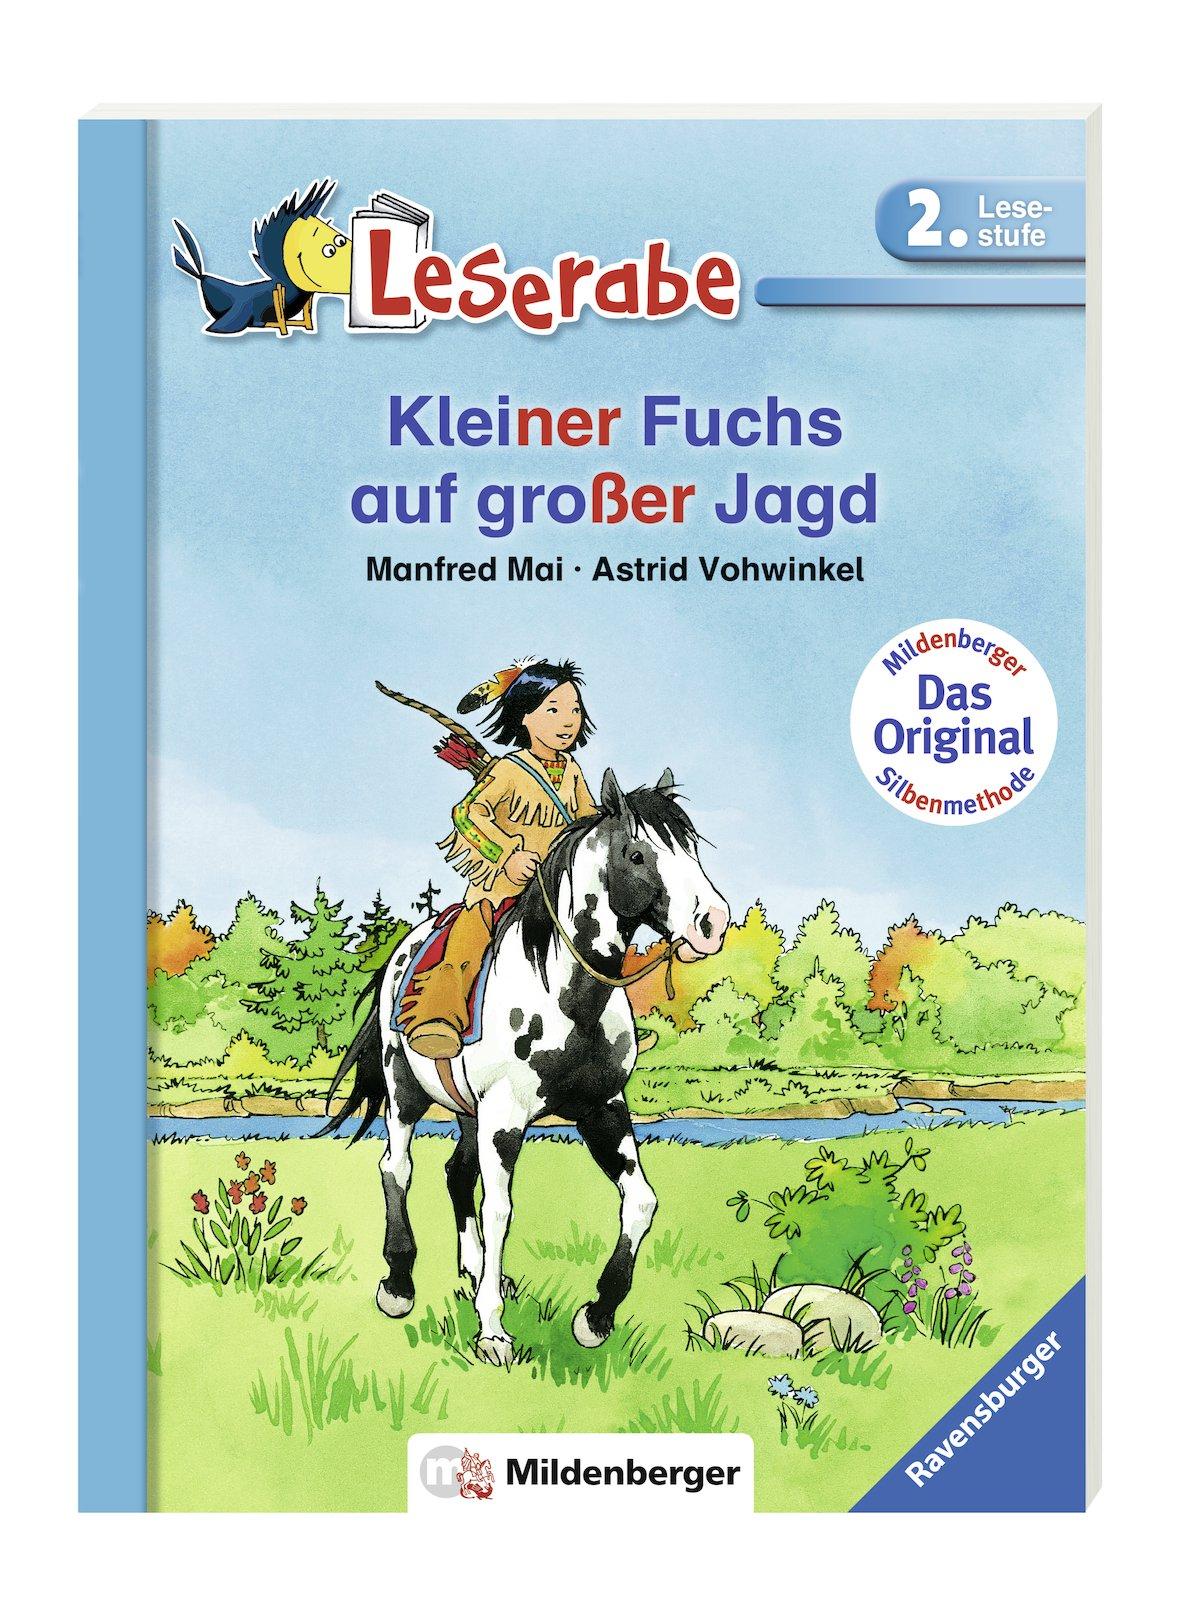 Kleiner Fuchs auf großer Jagd (Leserabe mit Mildenberger Silbenmethode)